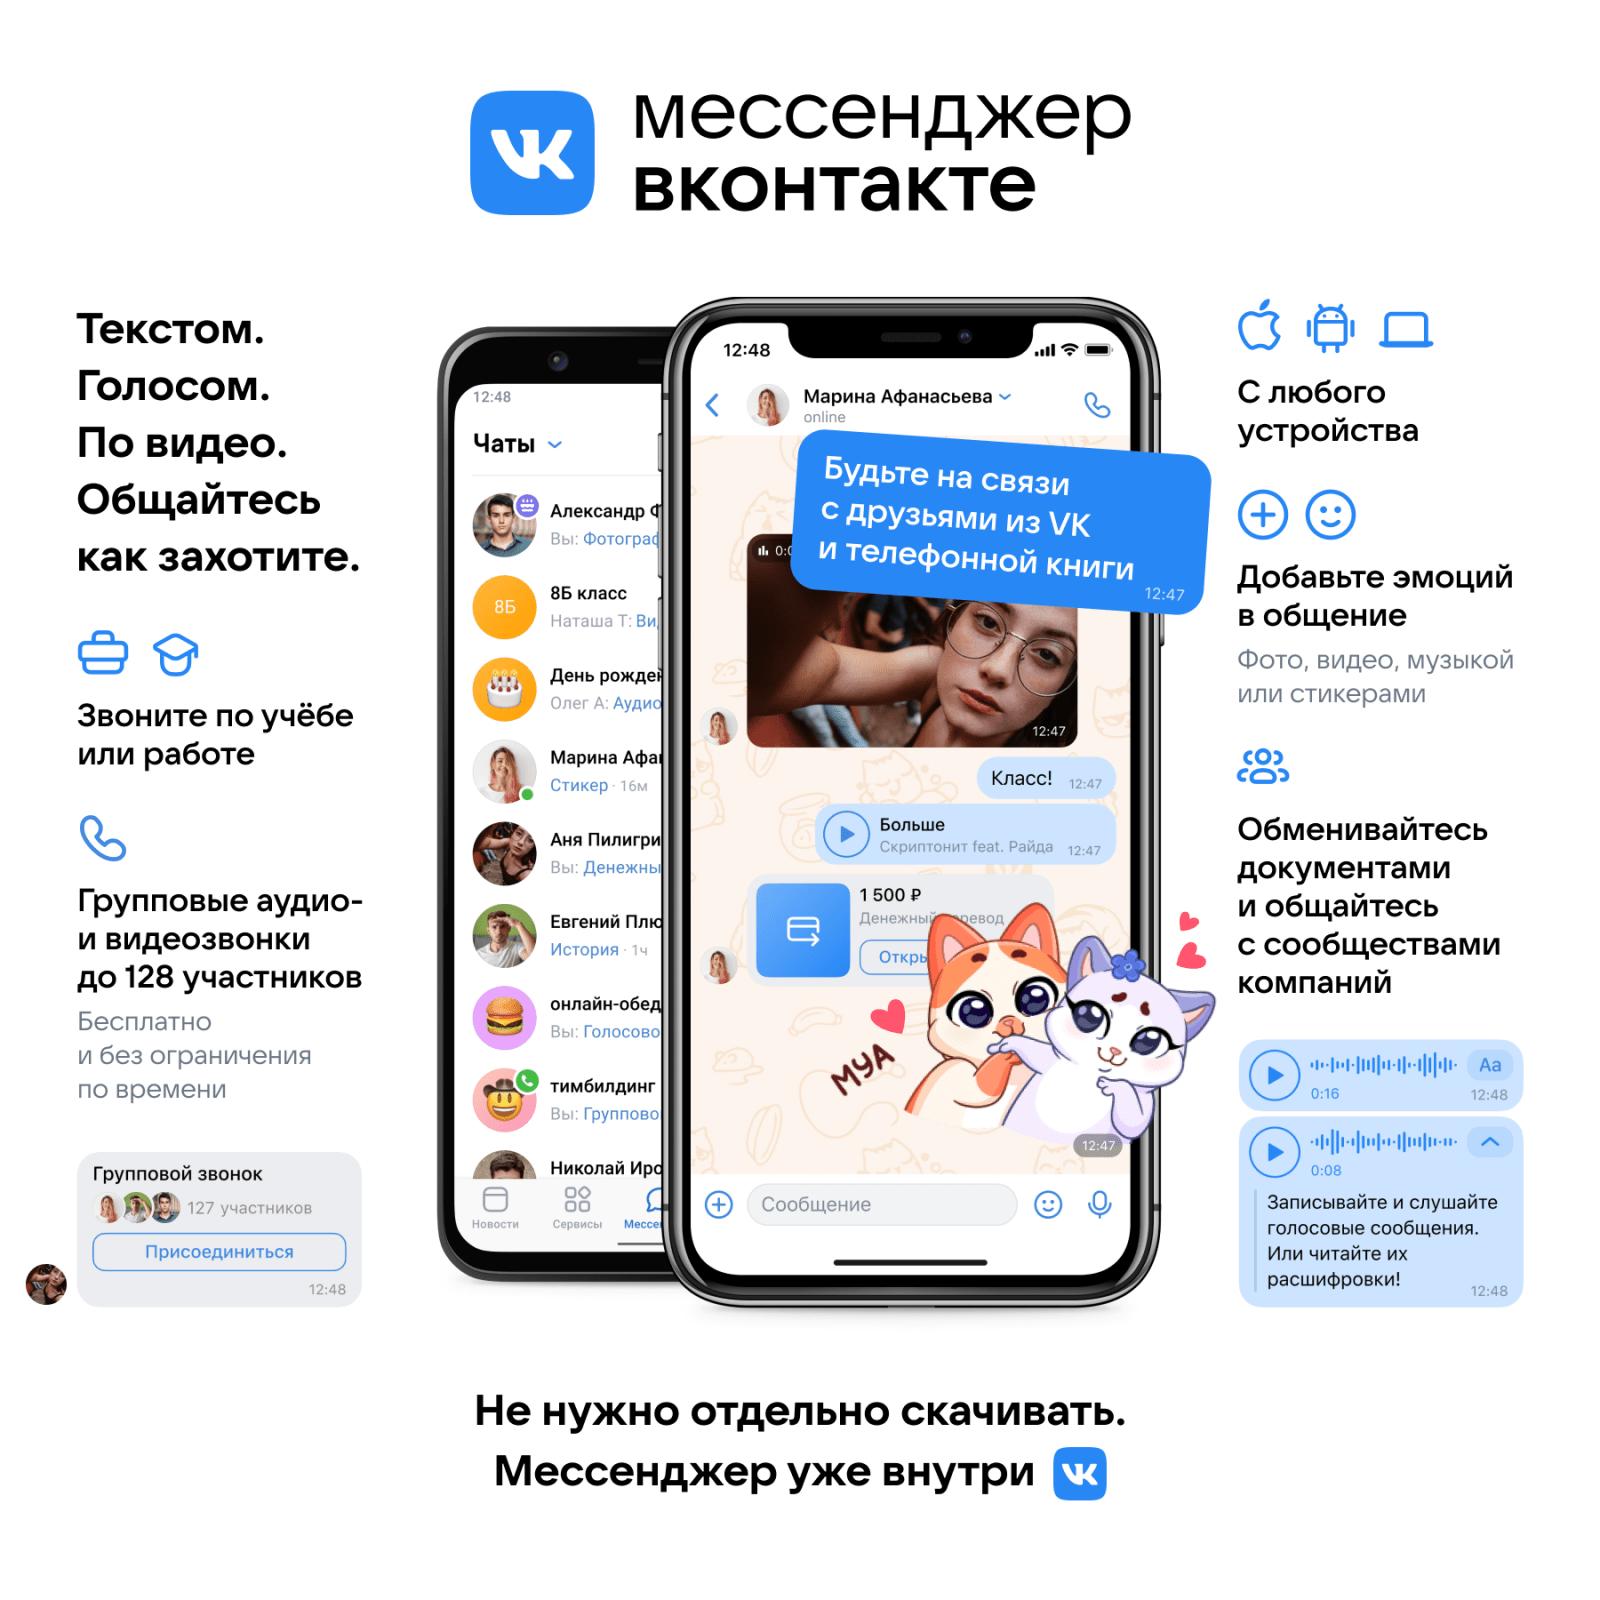 ВКонтакте превратила Сообщения в Мессенджер (VK Messenger)